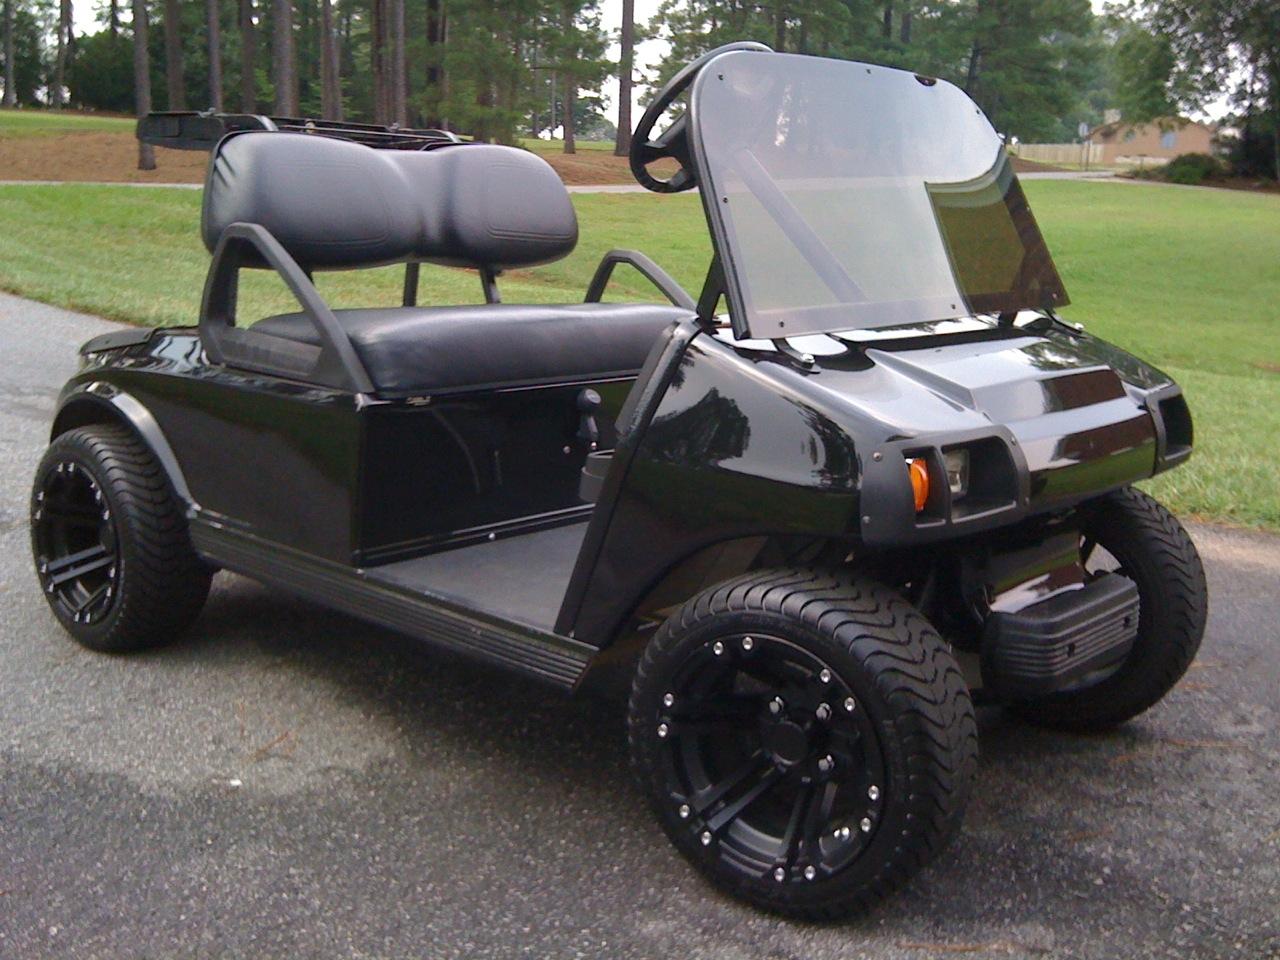 World S First Golf Cart Reaches 118 76 Mph Techdrive